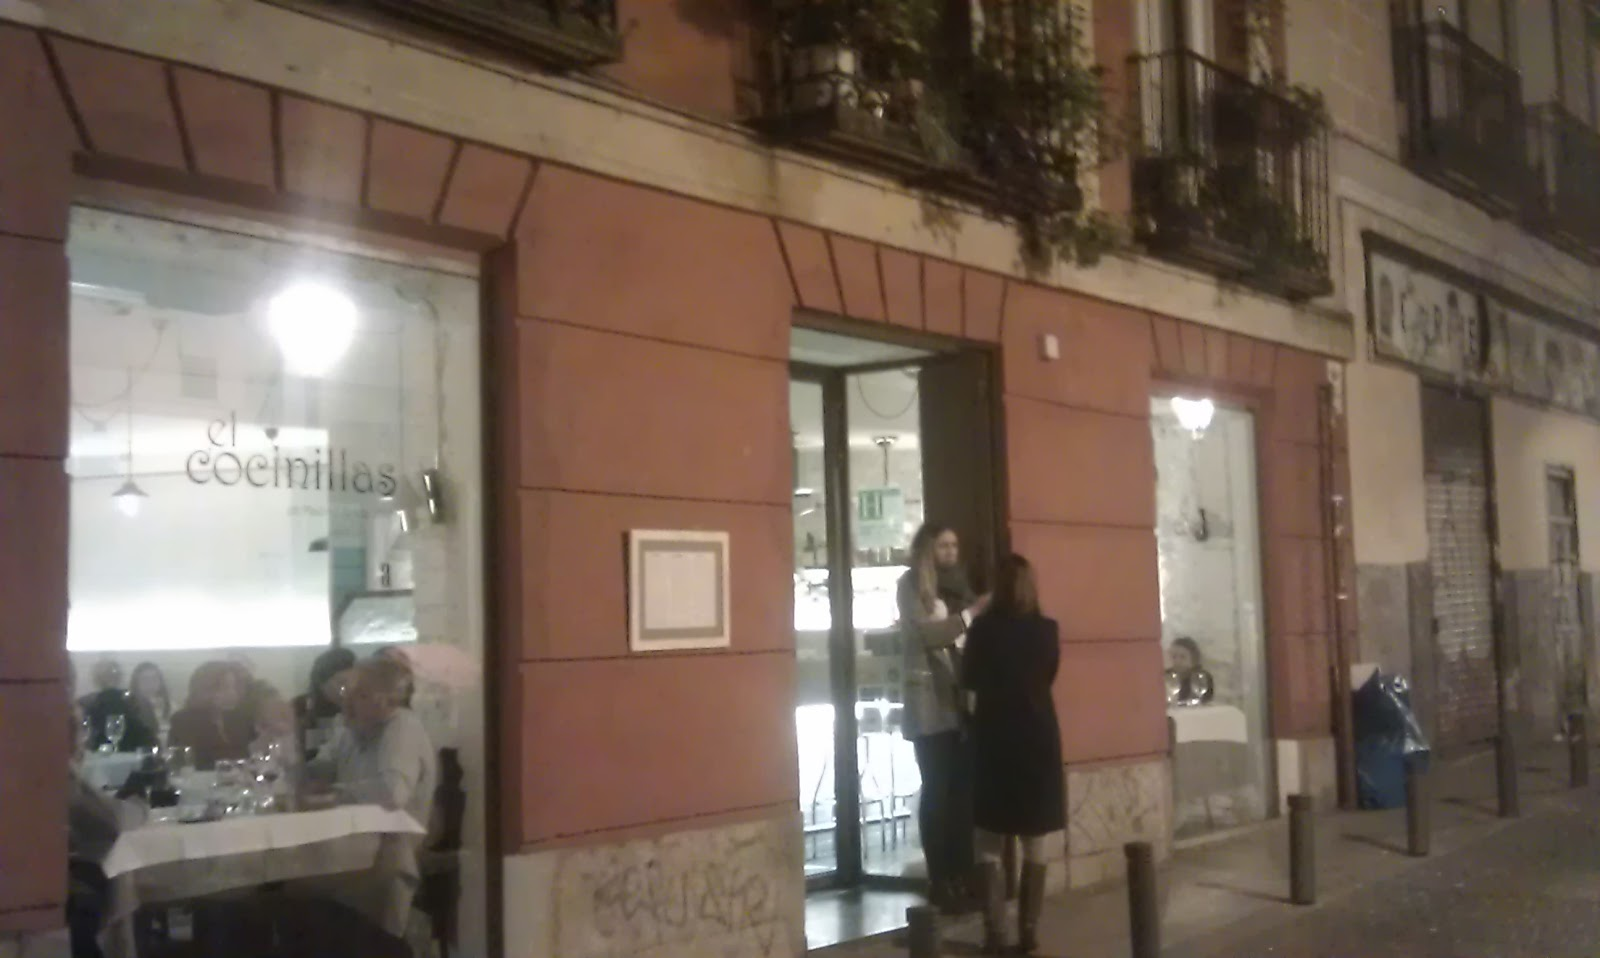 Restaurantes en madrid cr ticas y reportajes en el blog for El cocinillas madrid